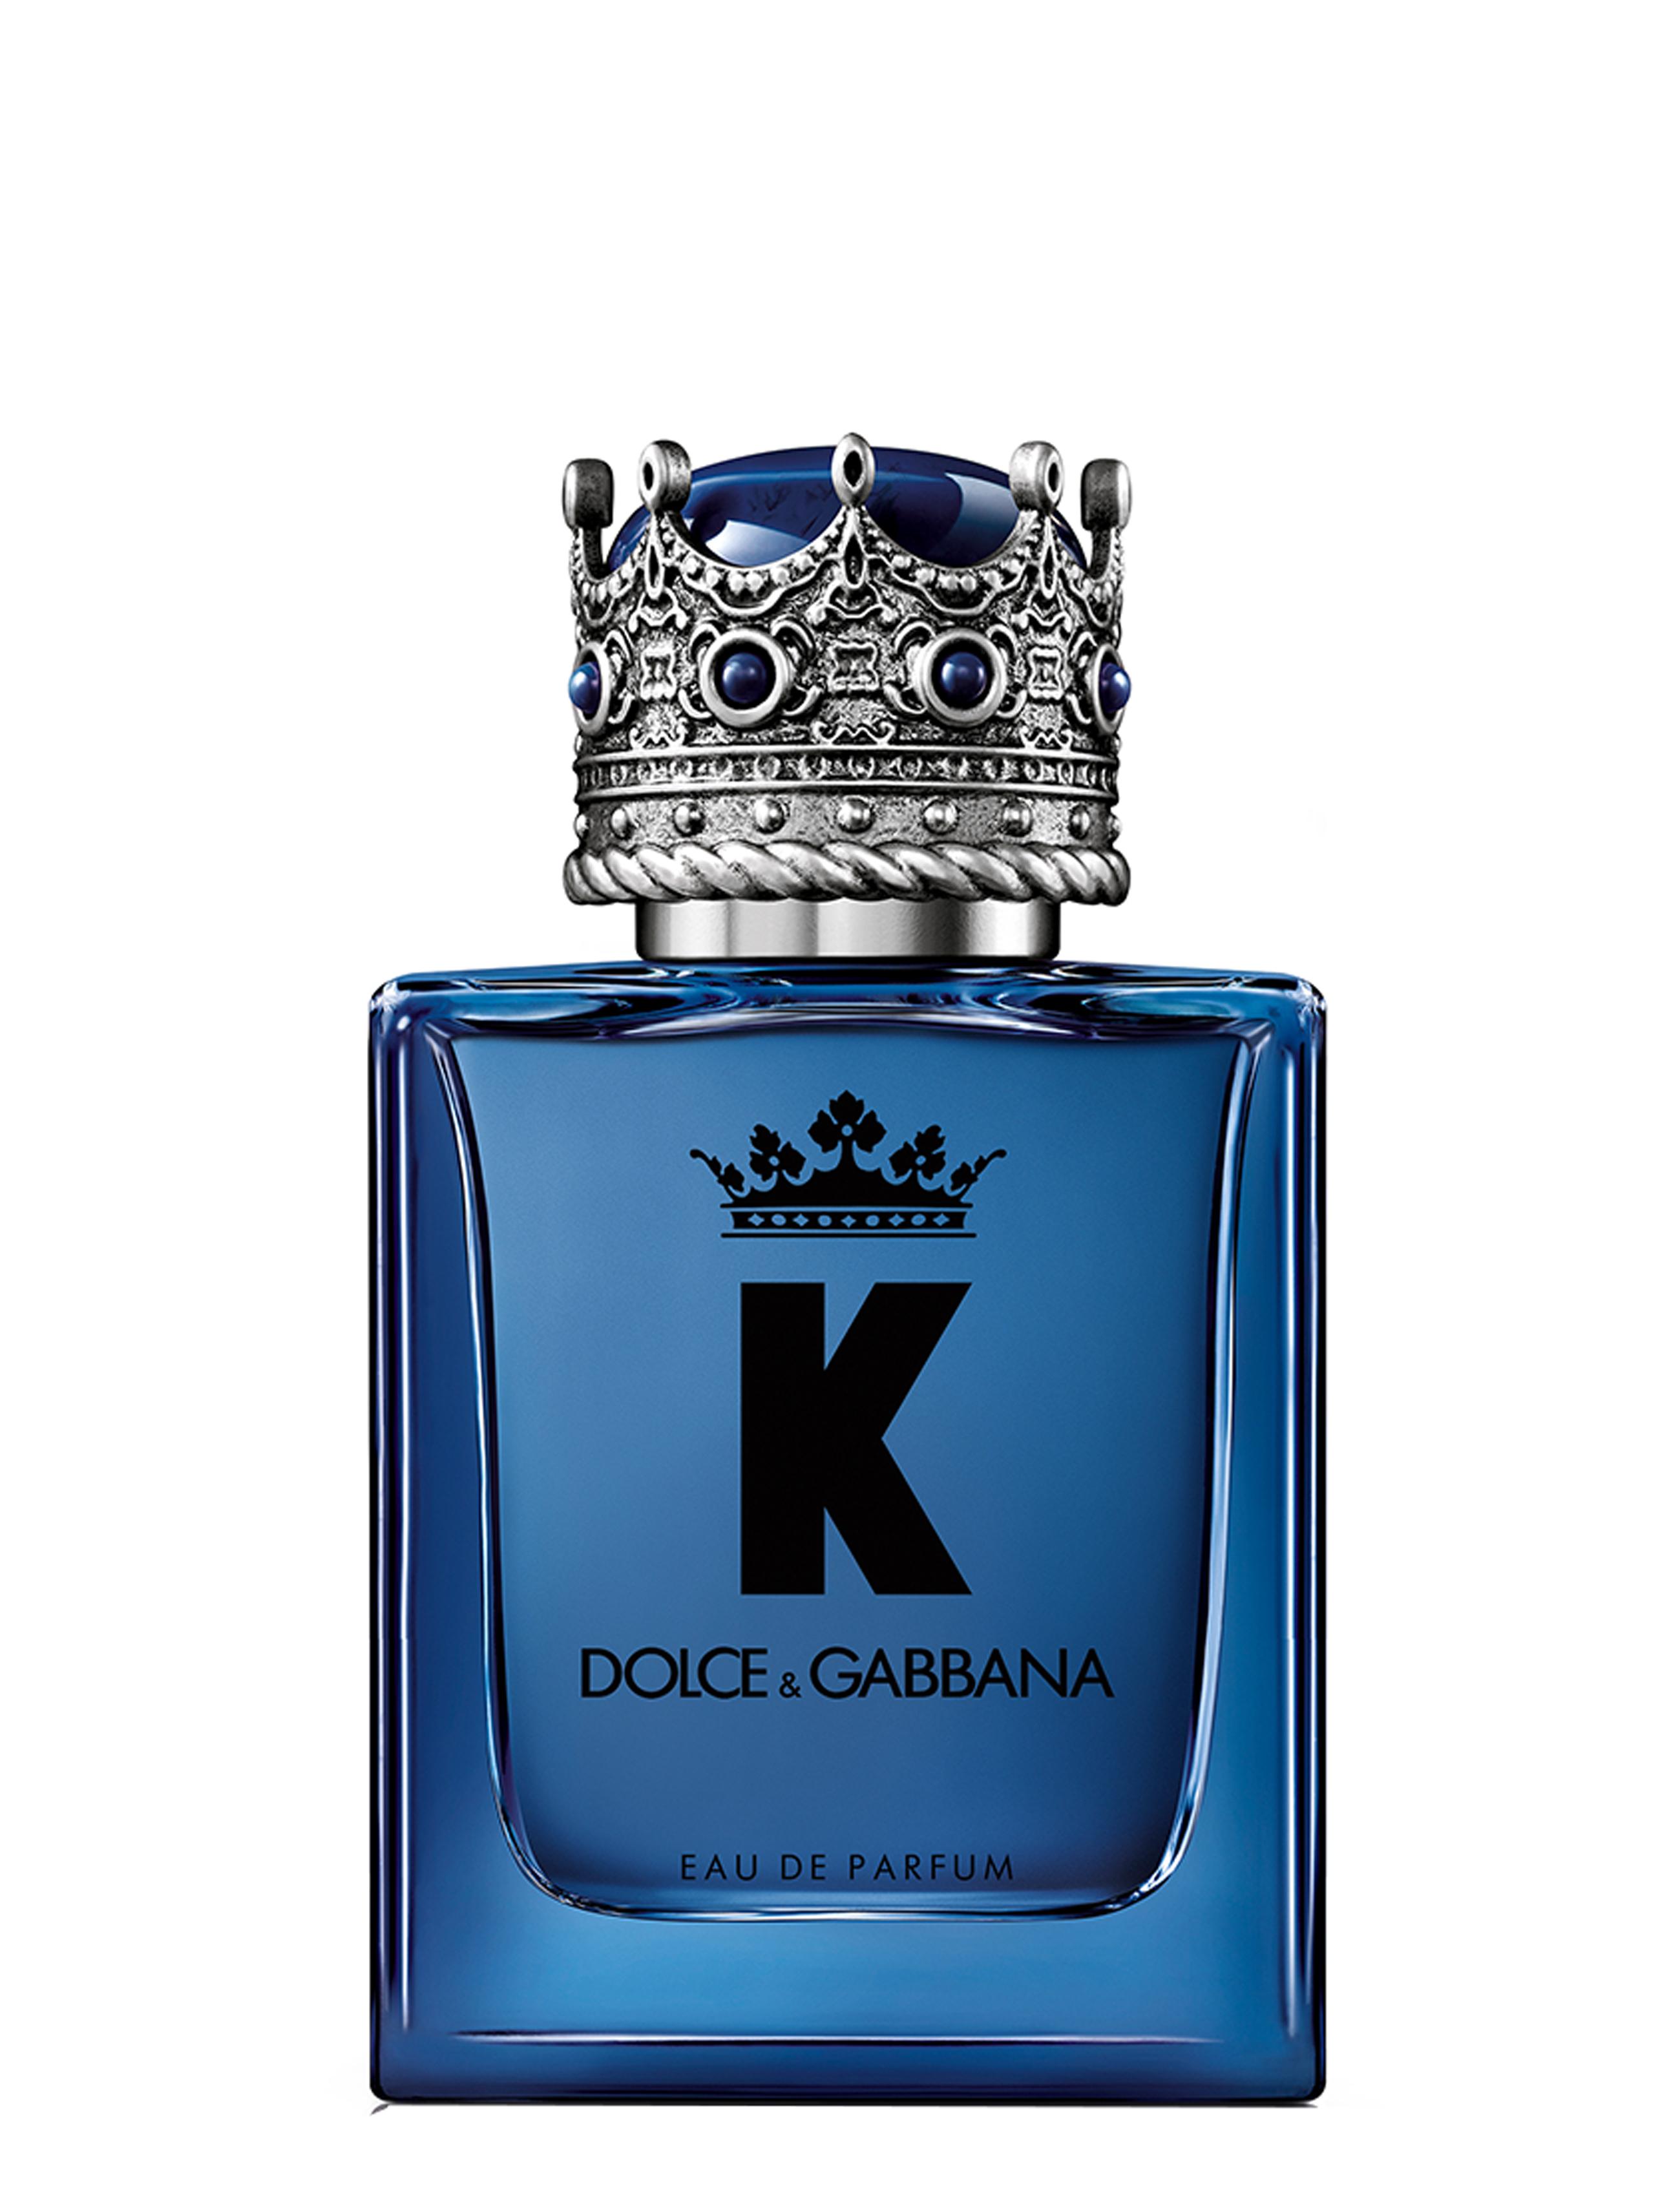 Dolce & Gabbana K by Dolce & Gabbana EDP, 50 ml